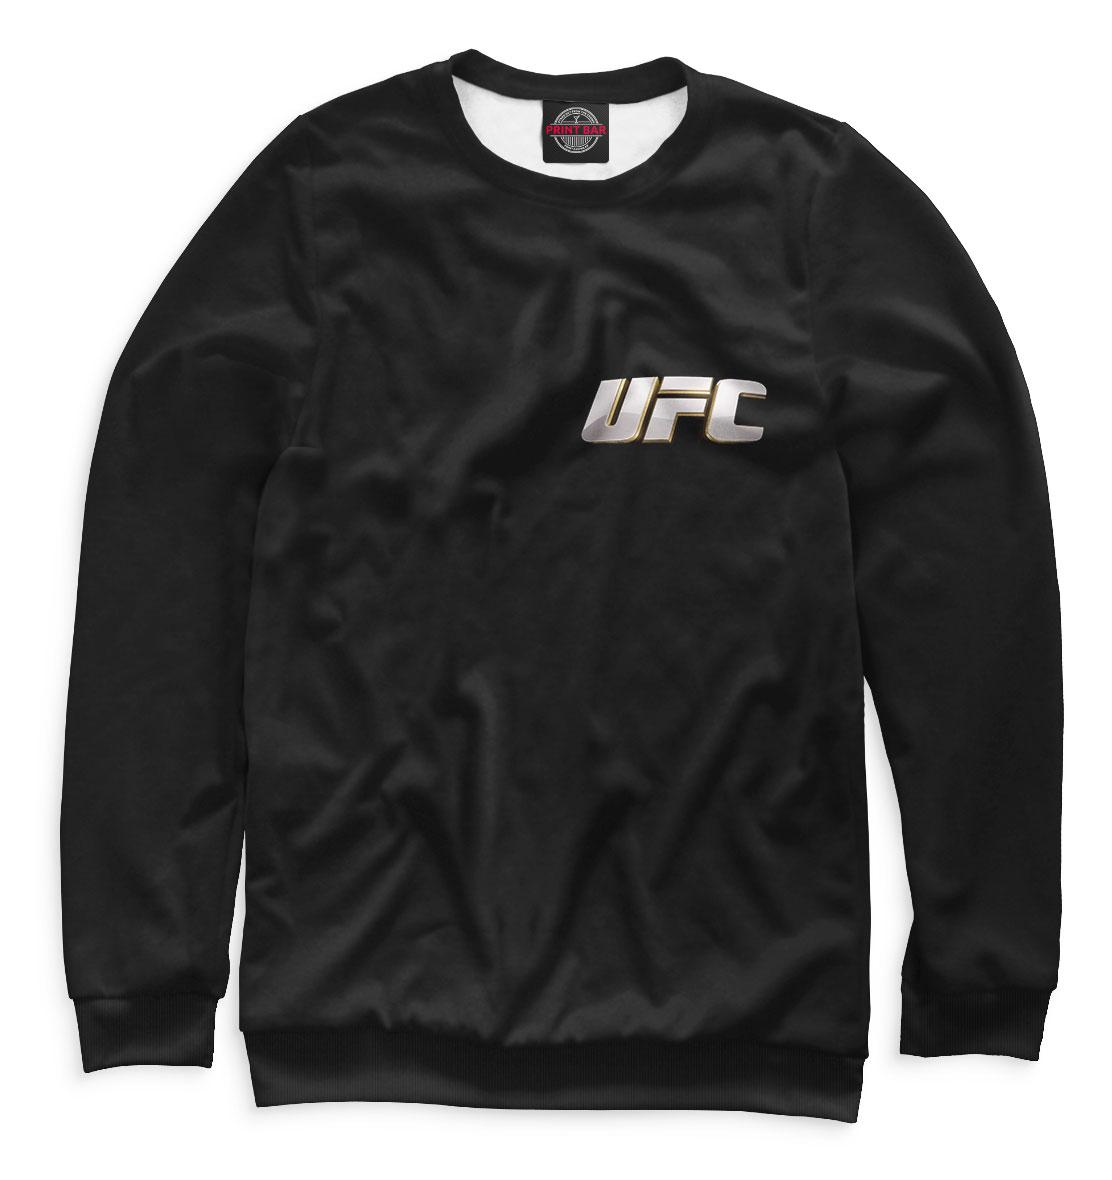 Купить UFC, Printbar, Свитшоты, MNU-334626-swi-1